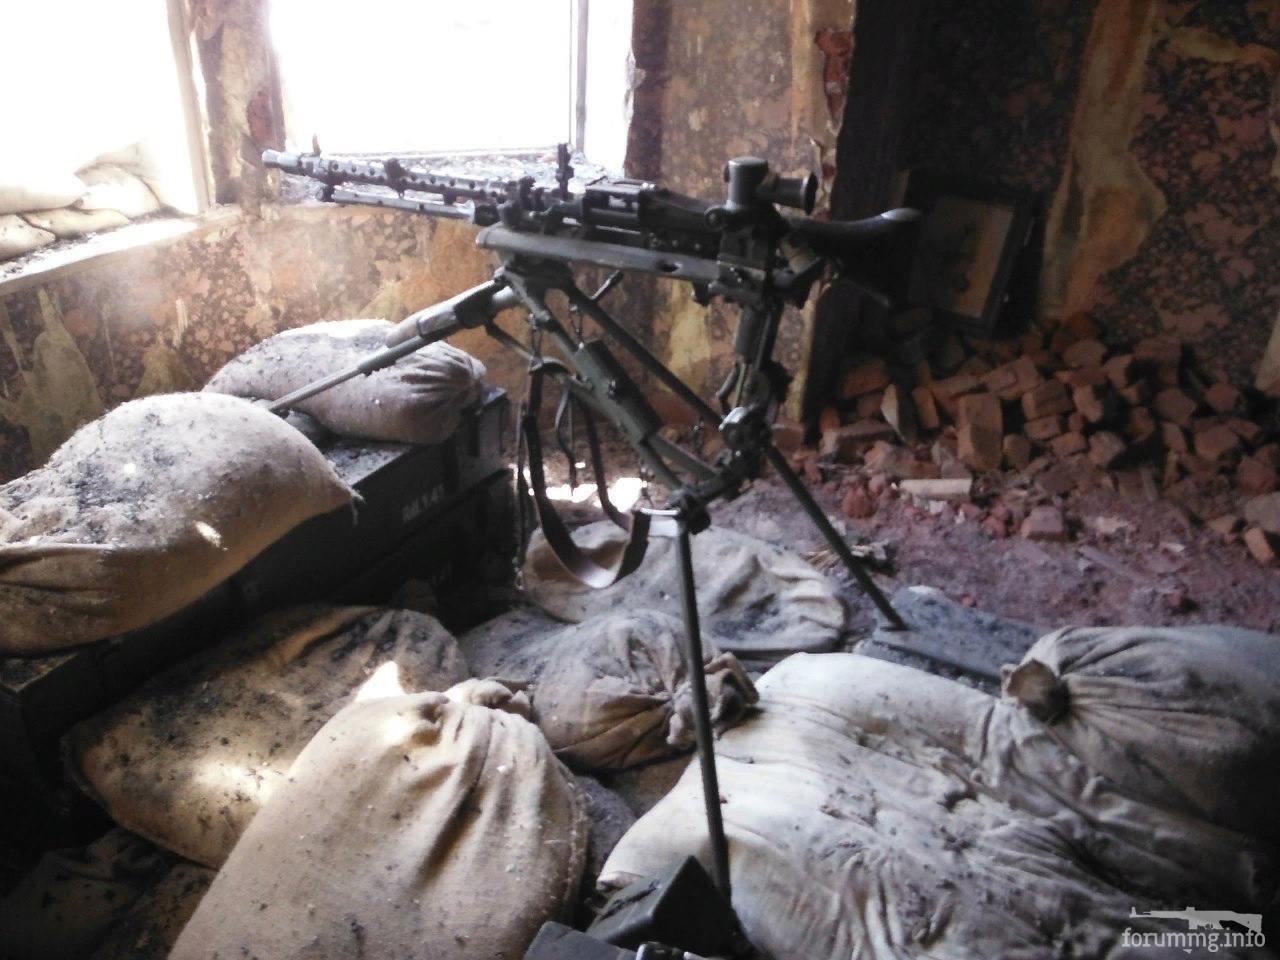 119210 - Все о пулемете MG-34 - история, модификации, клейма и т.д.